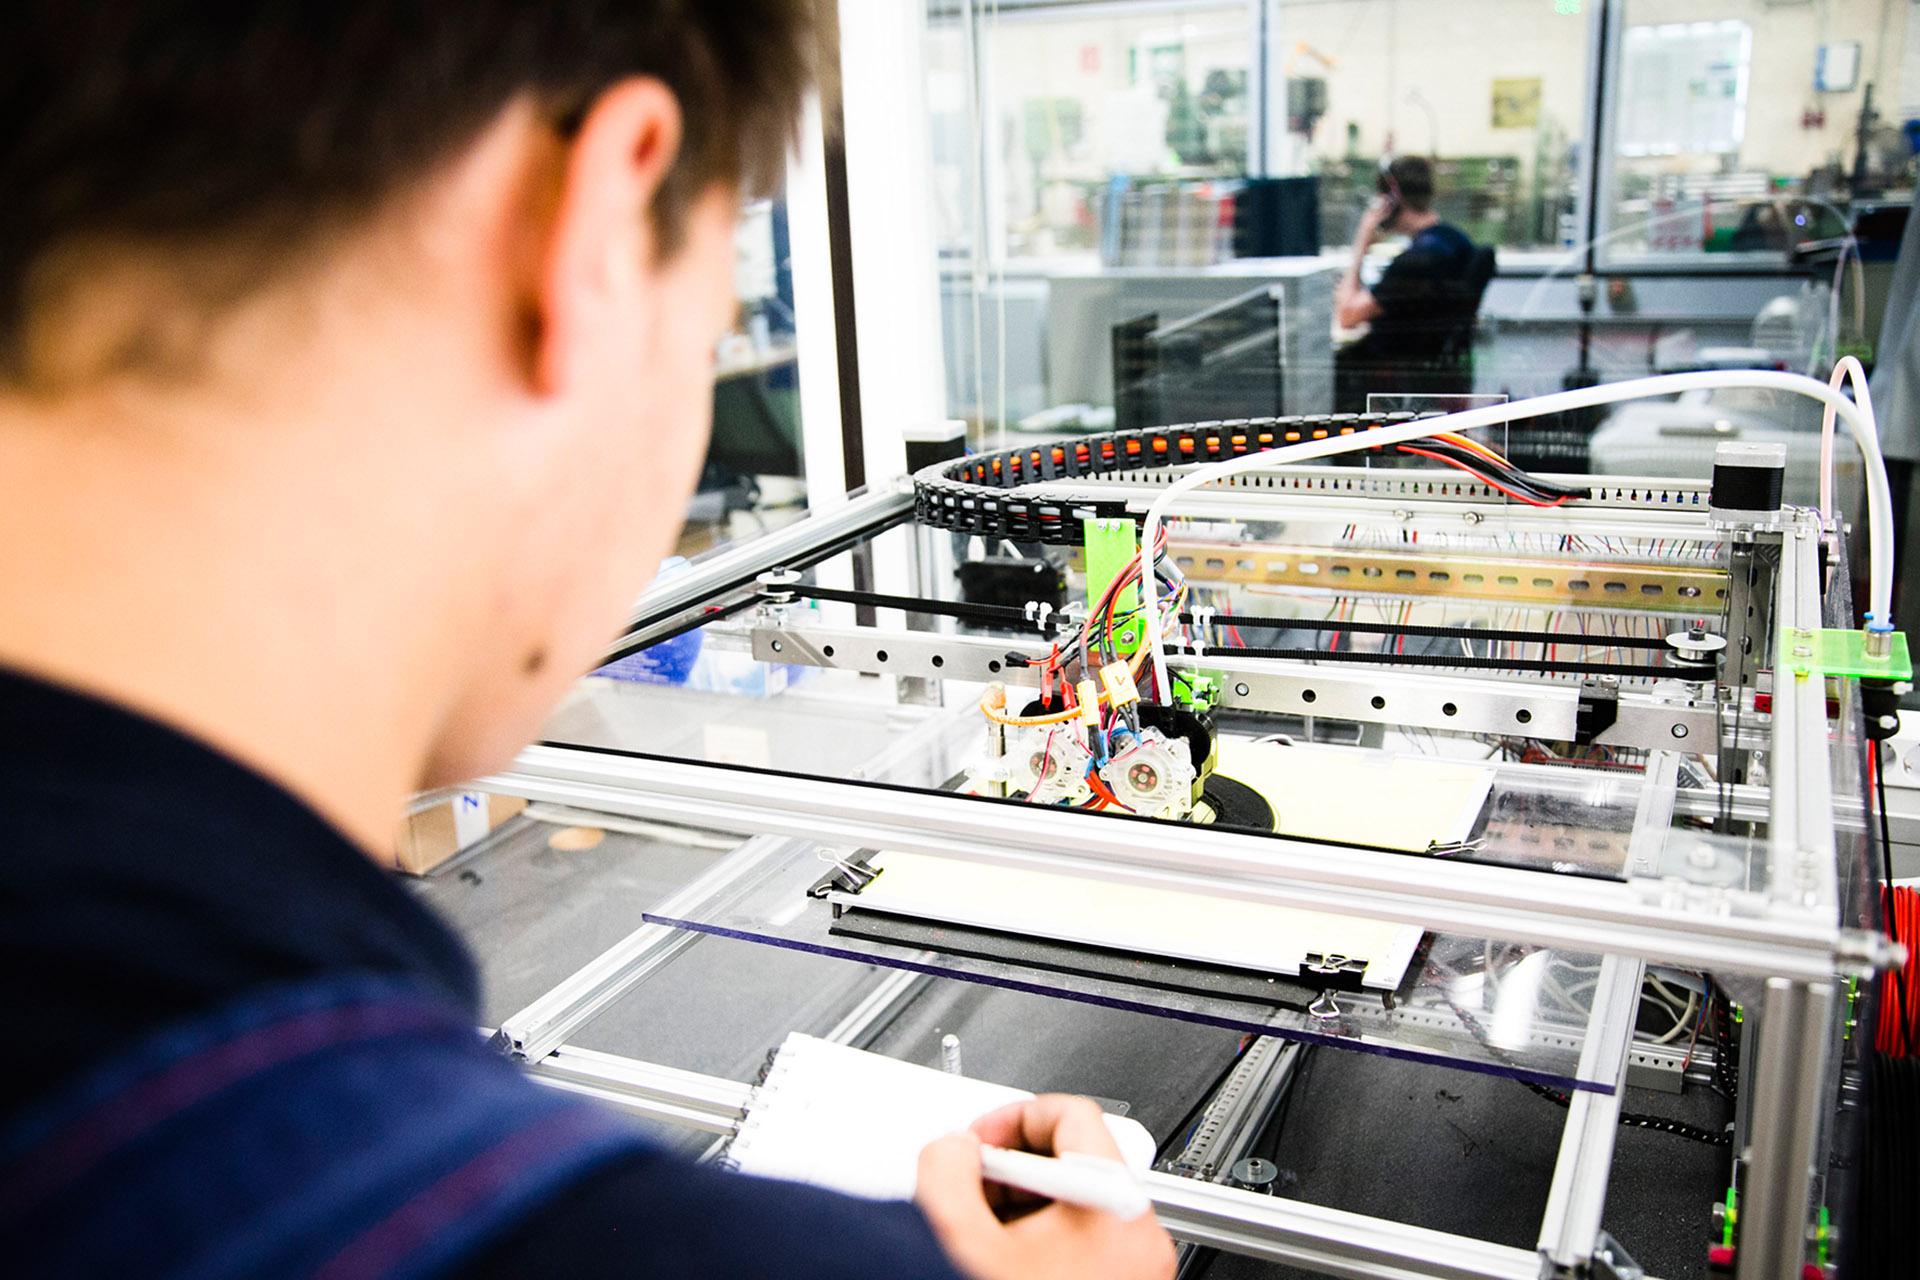 Technik hinterm Essen. Azubis in der Lebensmittelindustrie sind längst am 3D-Drucker aktiv. Die Gewerkschaft NGG weist auf freie Ausbildungsplätze in der Branche hin.